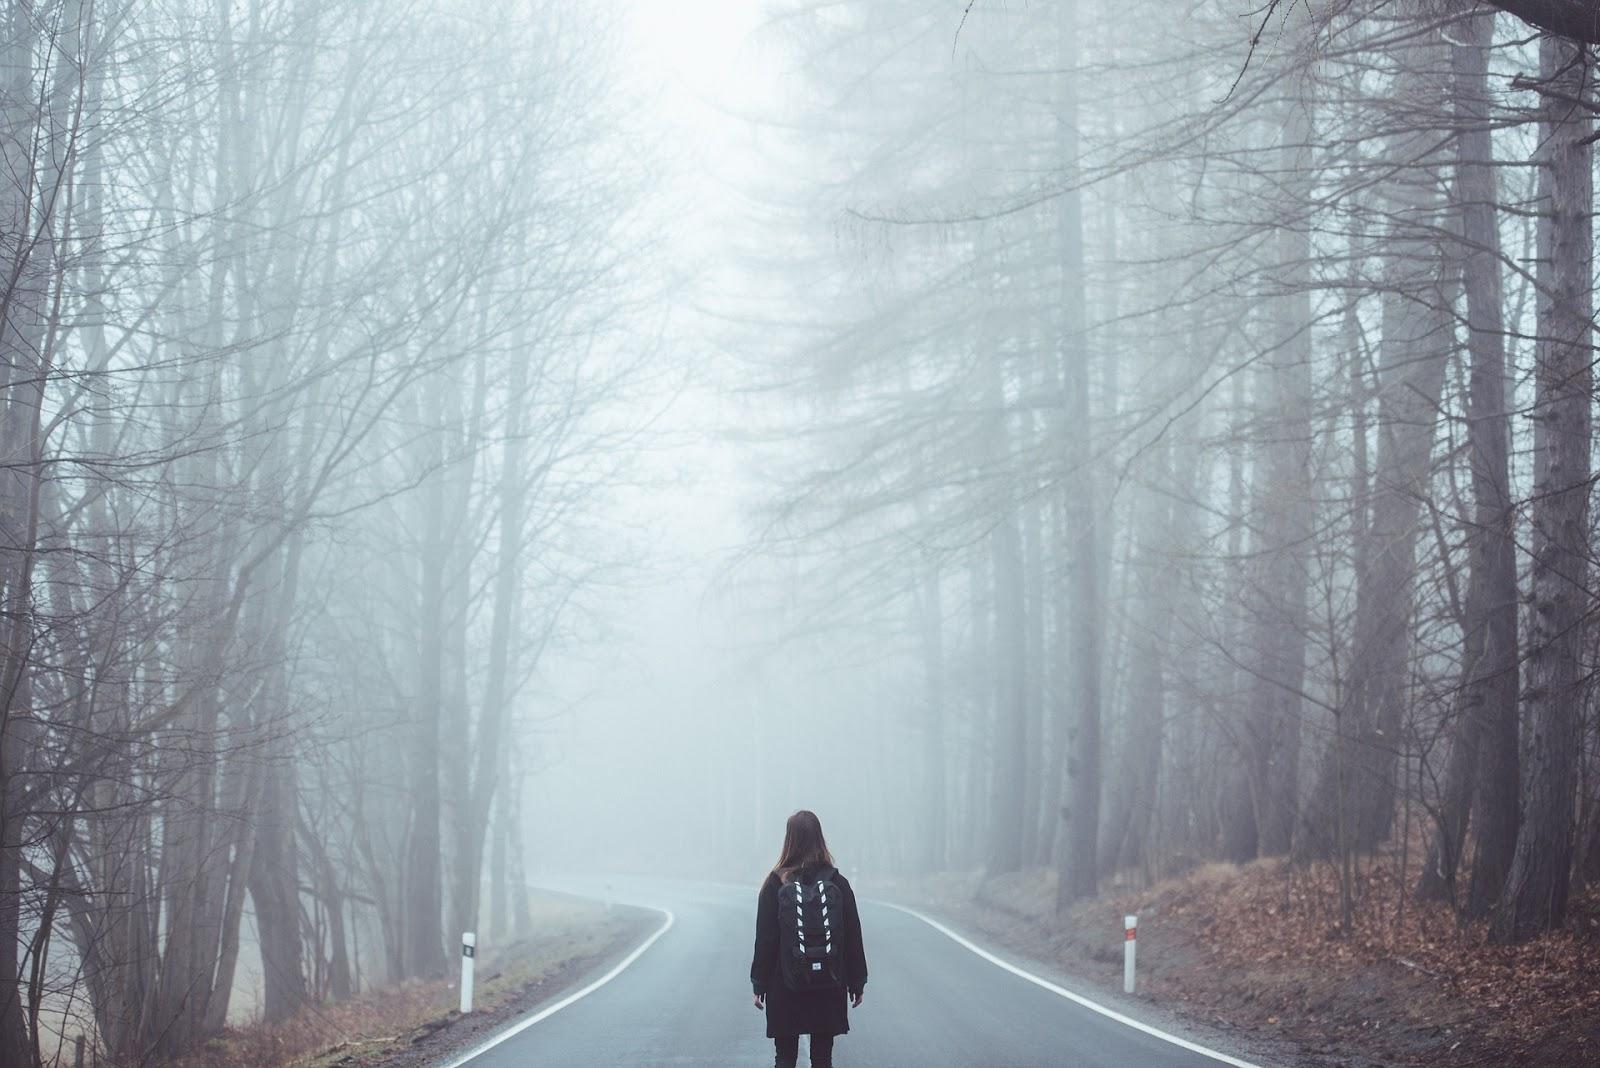 Source: https://pixabay.com/en/fog-mist-road-lost-girl-eerie-1208283/